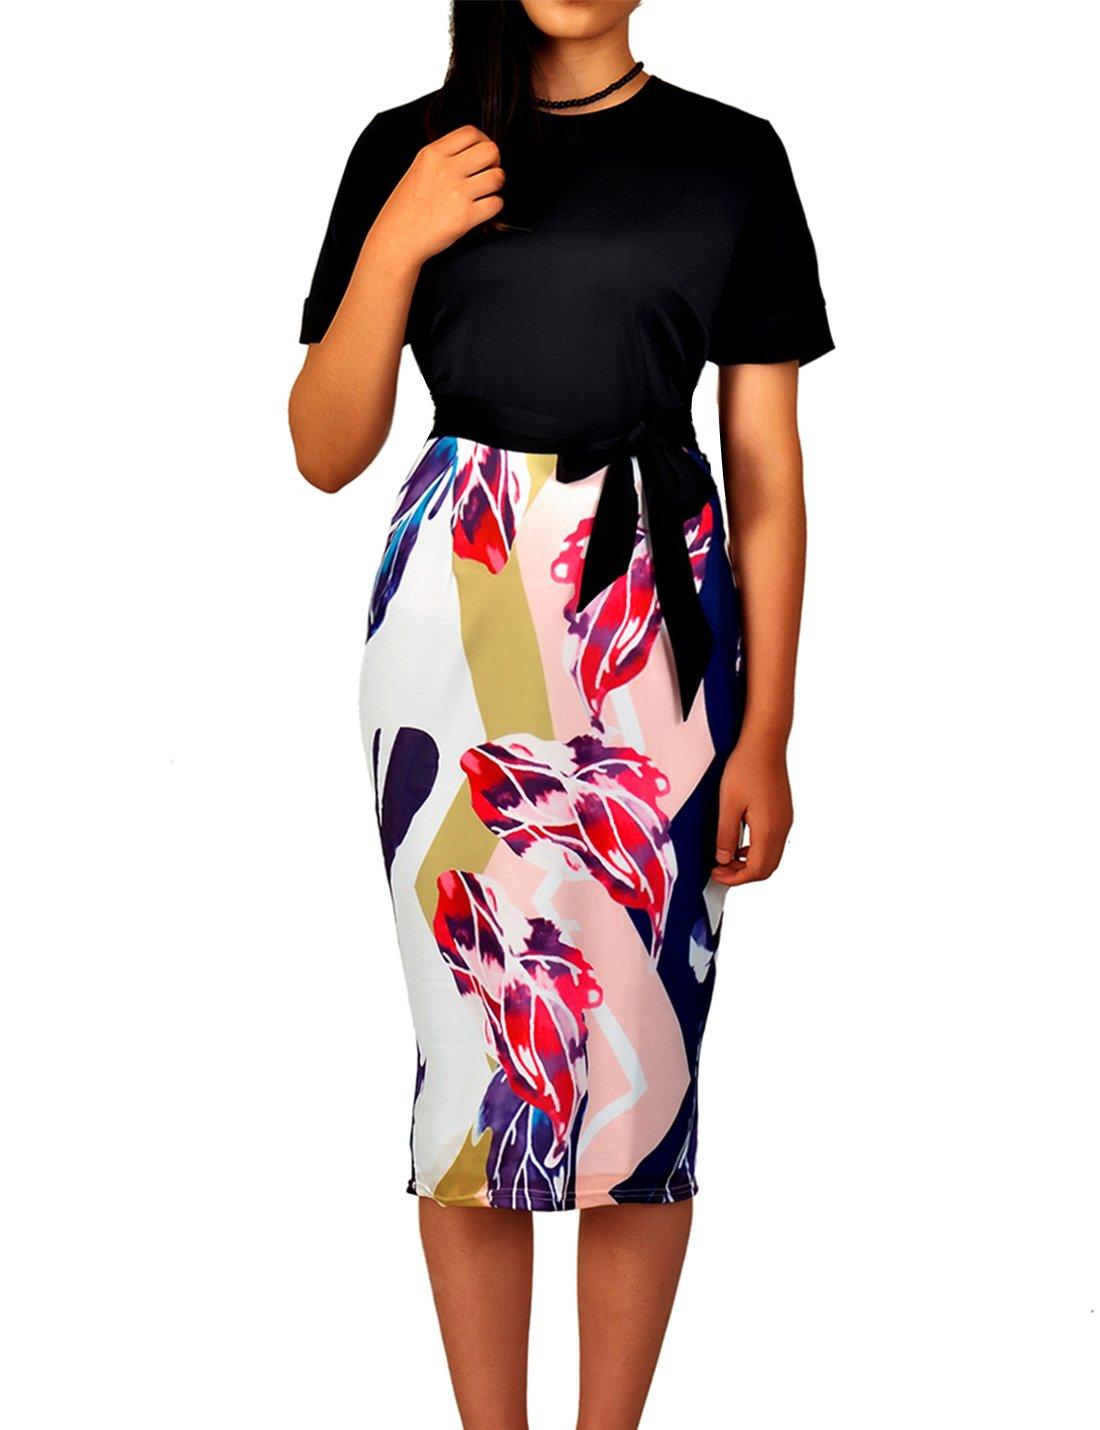 Flovey Women's Bodycon Business Pencil Dress Party Knee Length Dress Ladies Colorblock Dress (Black, 2XL)